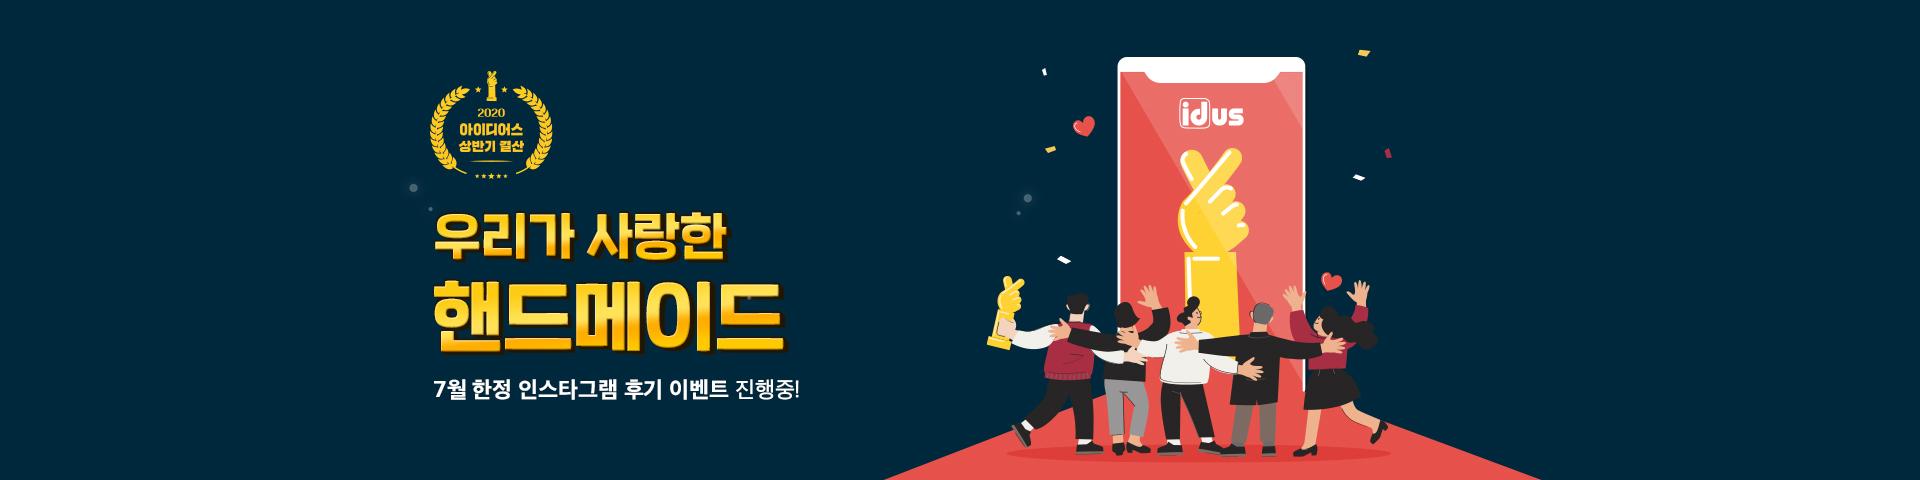 [7월이벤트] 2020 상반기 결산 : 우리가 사랑한 핸드메이드